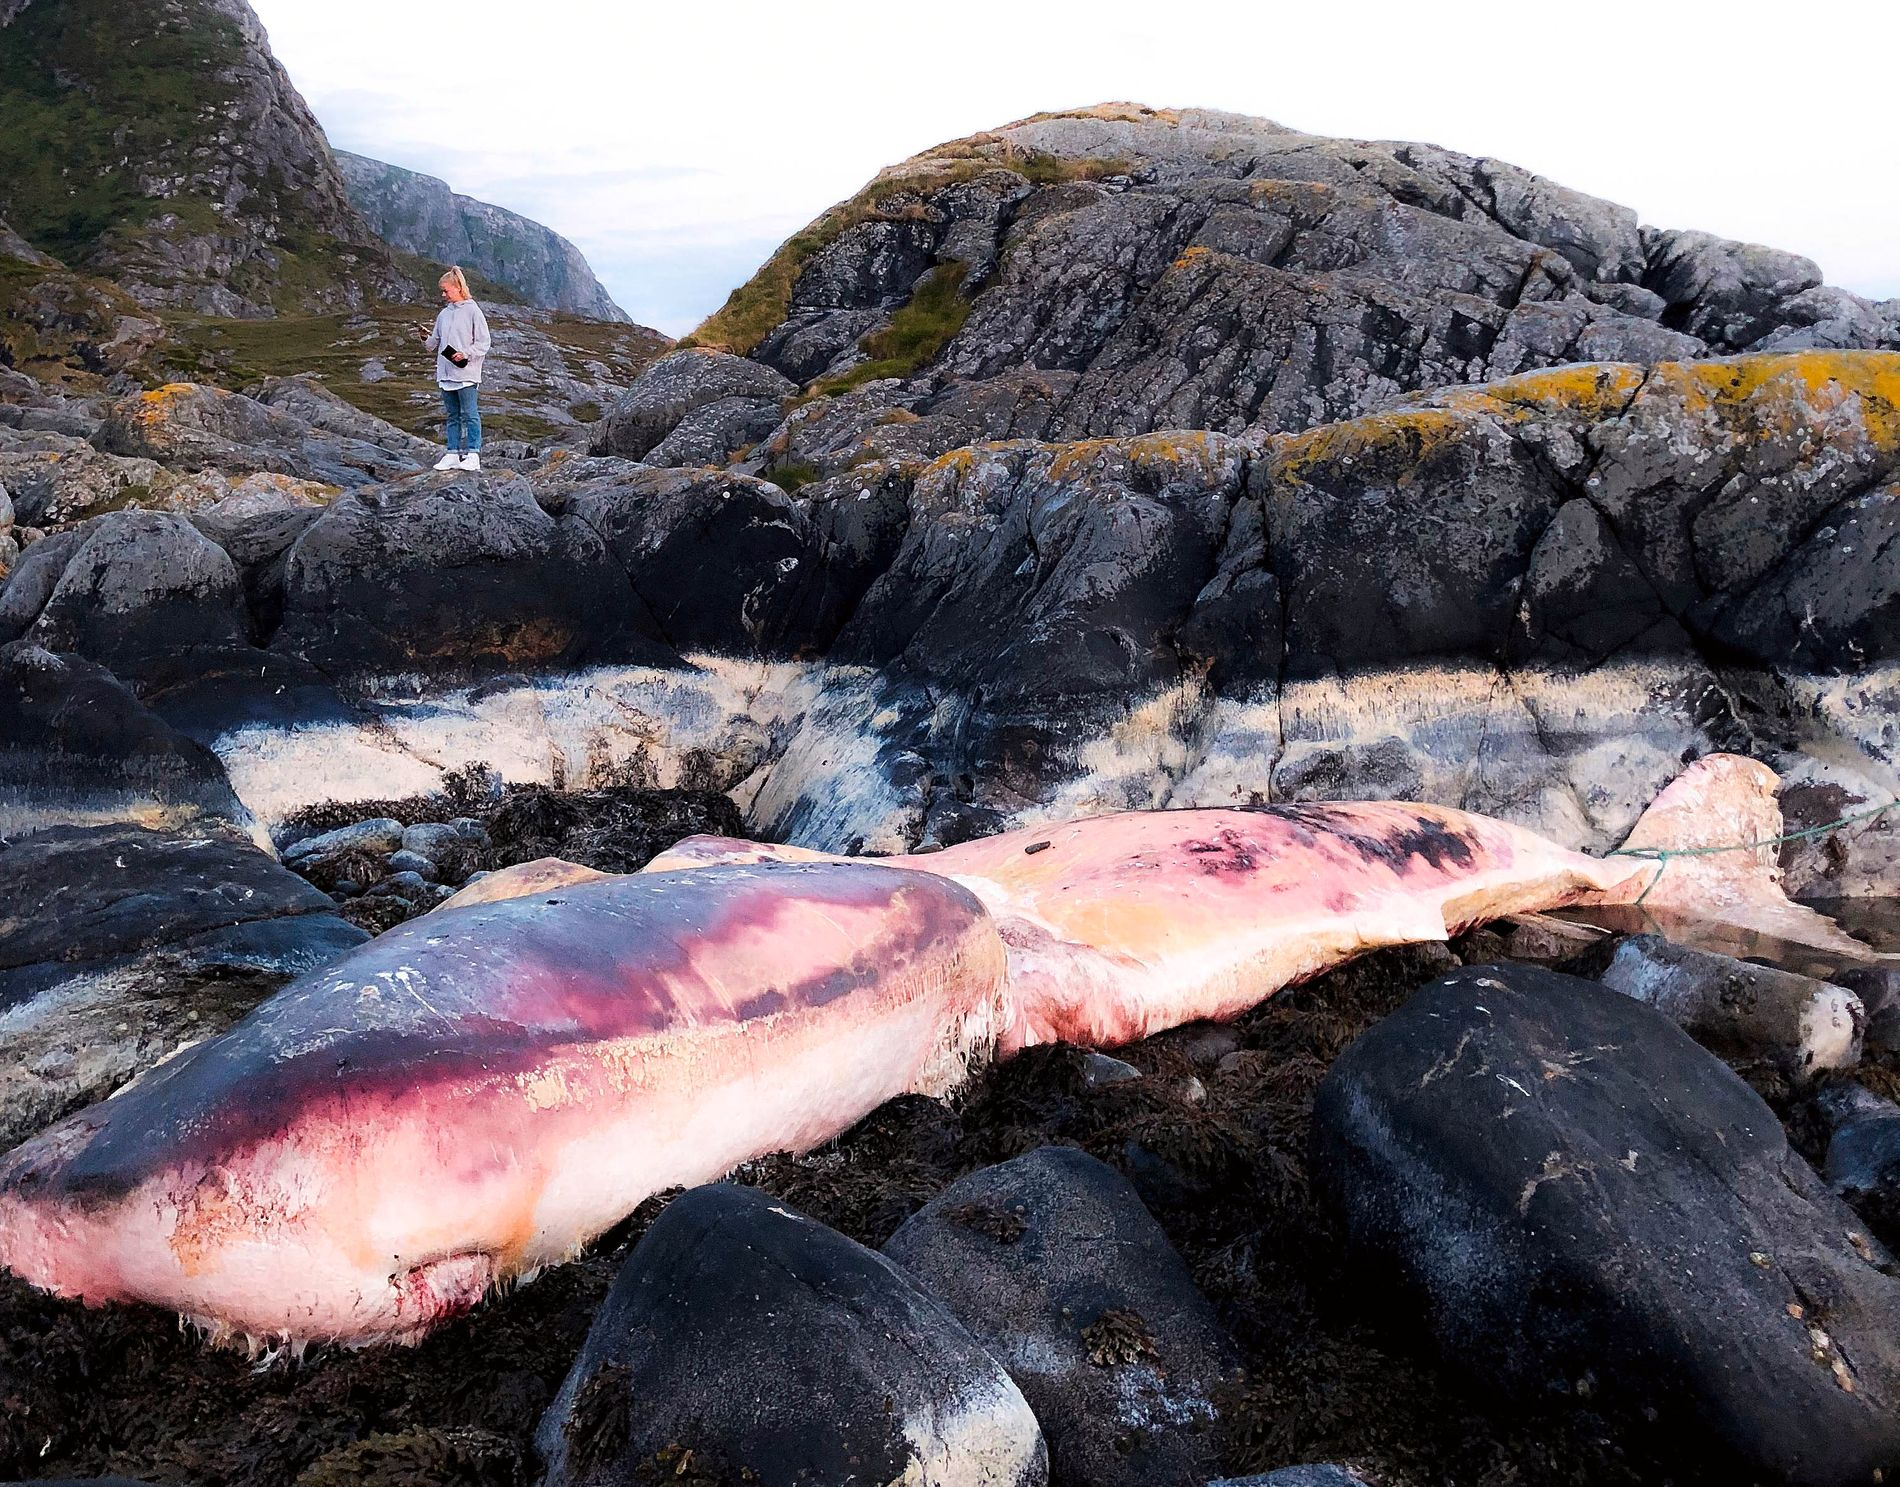 STRANDET: Hvalen ligger strandet på området Ulla på Haramsøy, og skal etter planen fjernes søndag kveld.